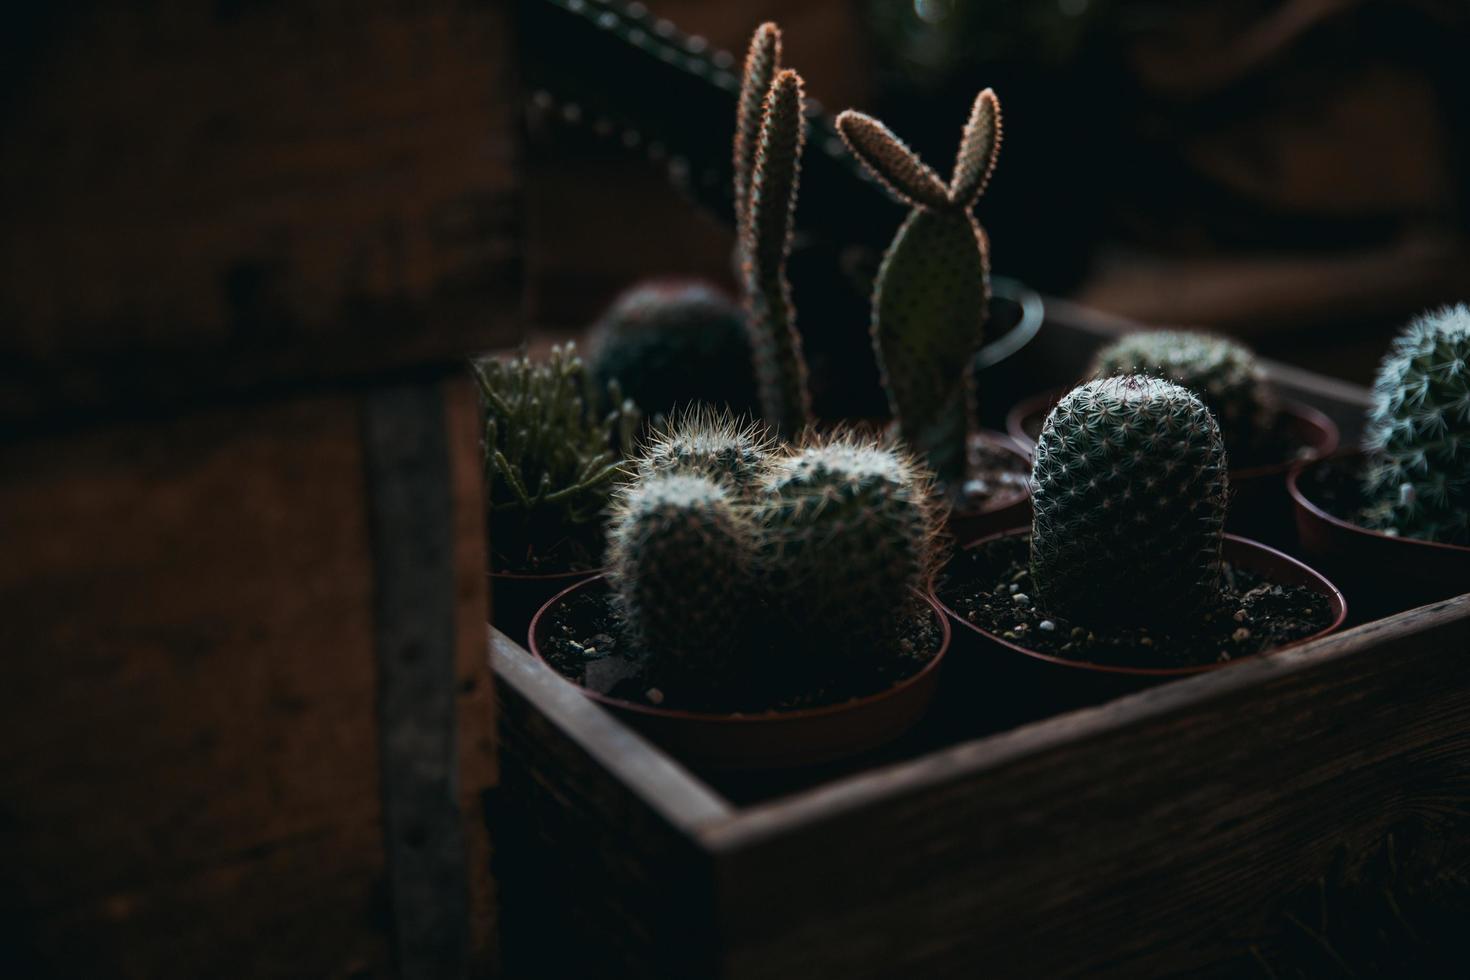 plantas de cactus verde foto